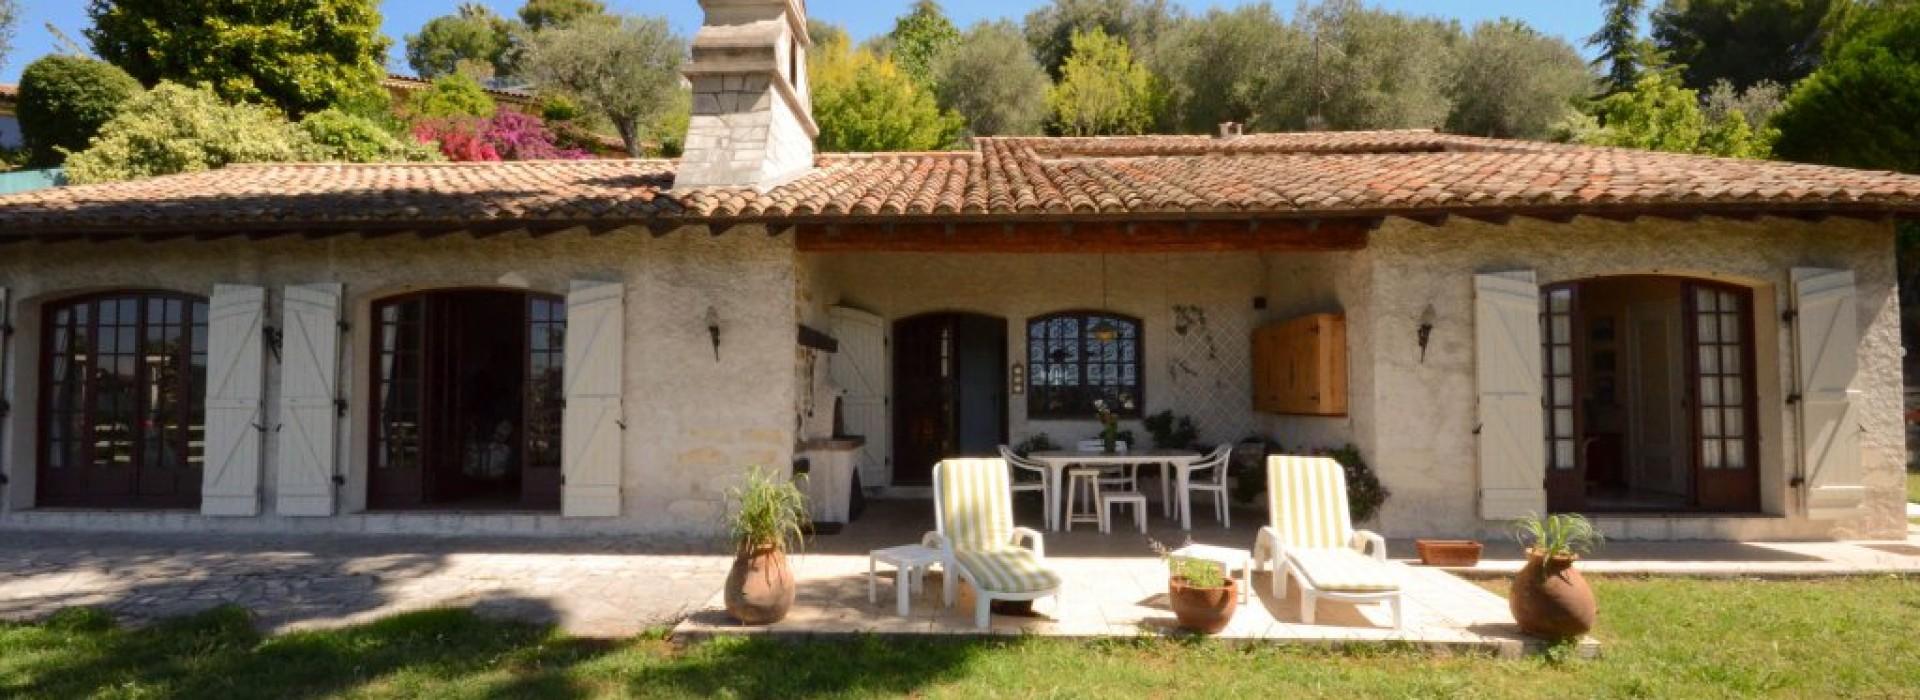 Maison Nice 7 Pièces 197m2 1,150,000€